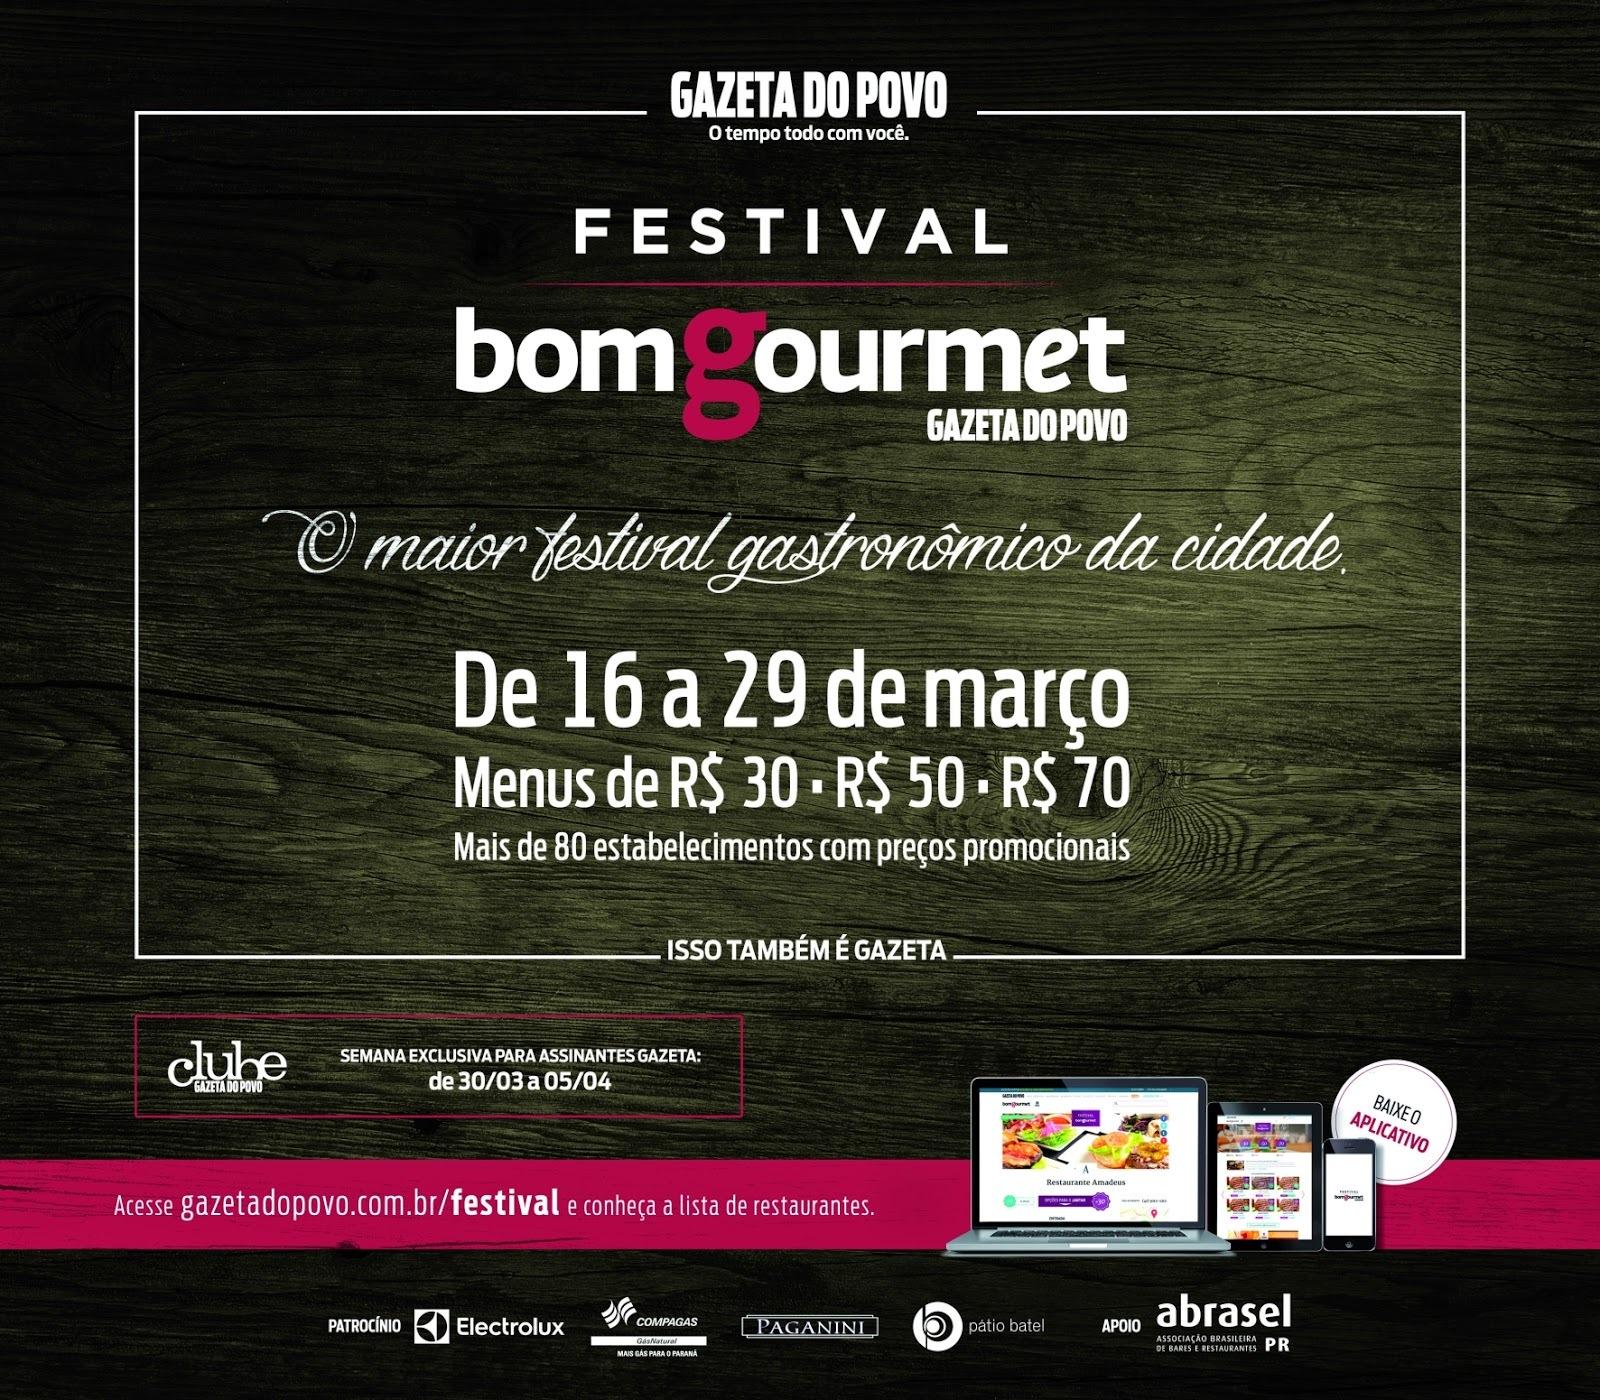 Bom Gourmet Gazeta do Povo lança festival gastronômico